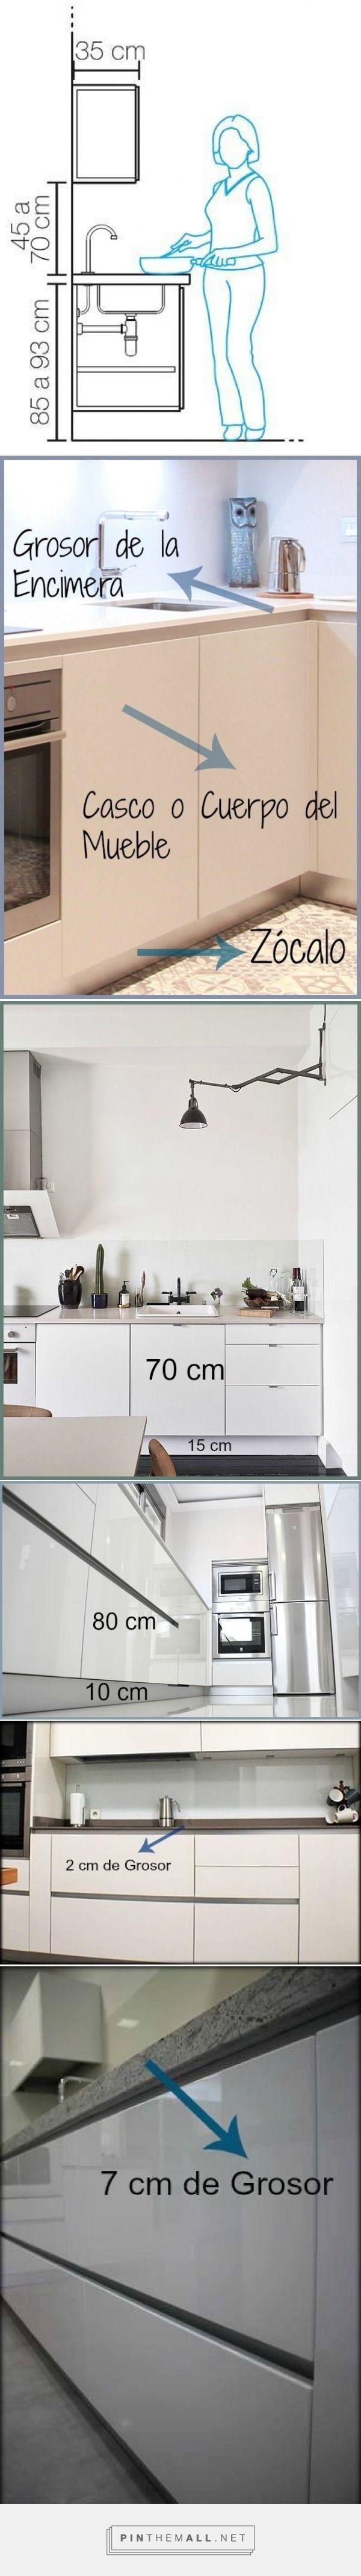 La Medida de los Muebles Bajos de Cocina | Muebles bajos de cocina ...